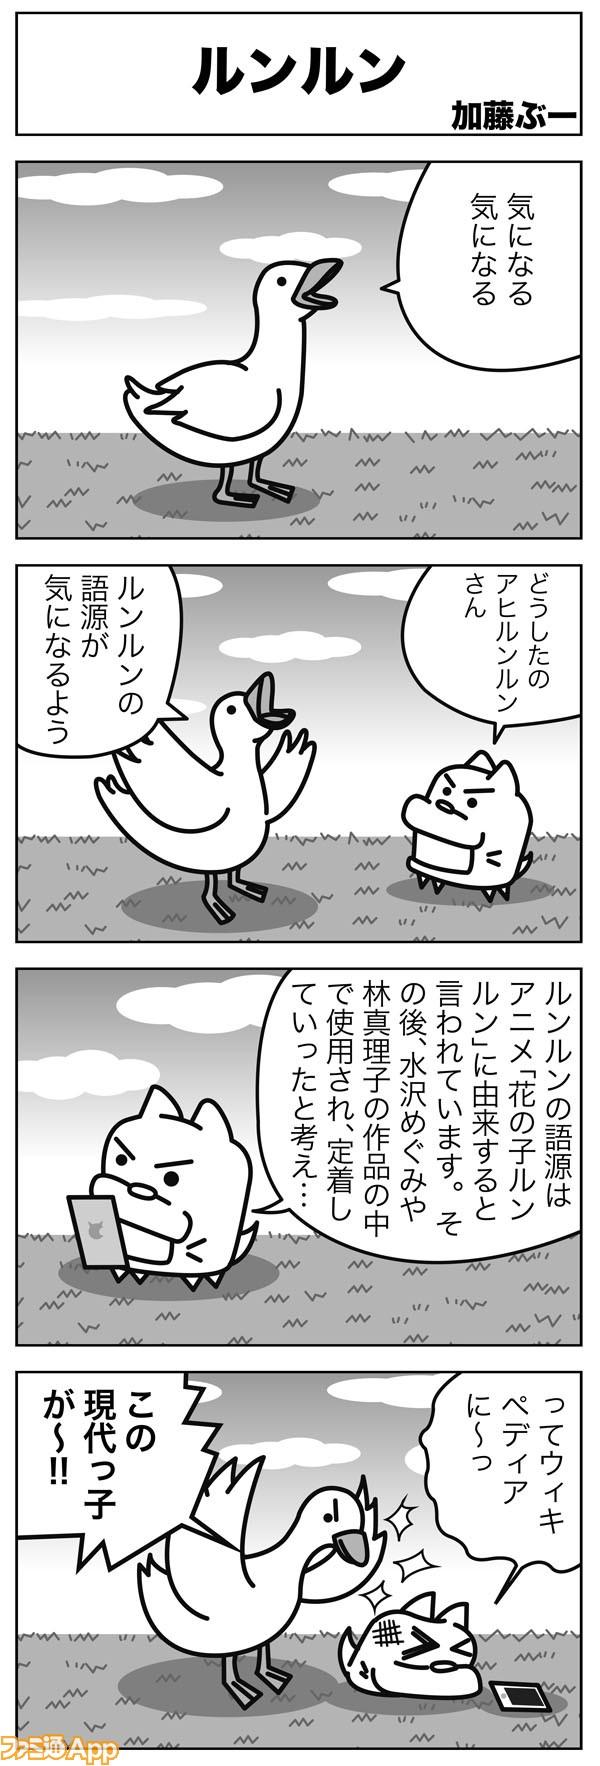 04kato_076